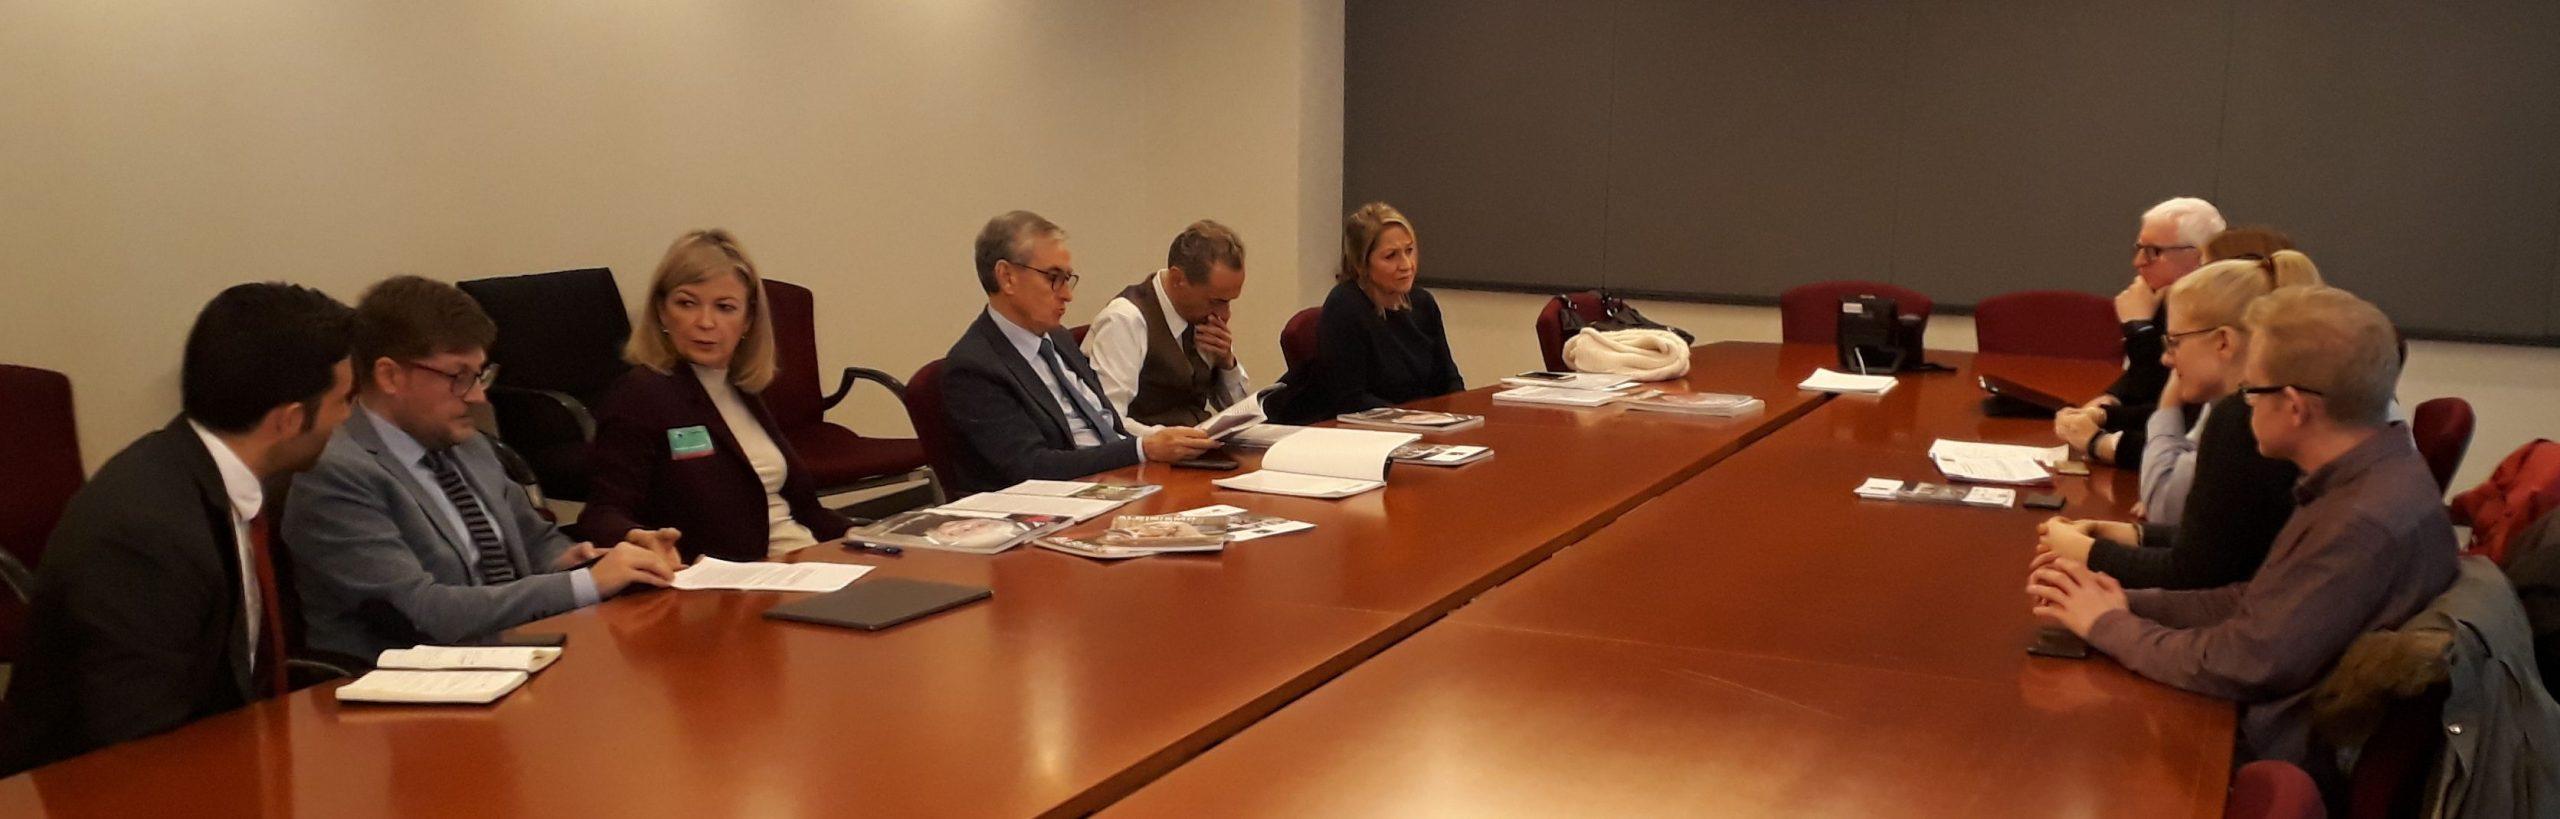 Foto durante la reunión en el Parlamento Europeo